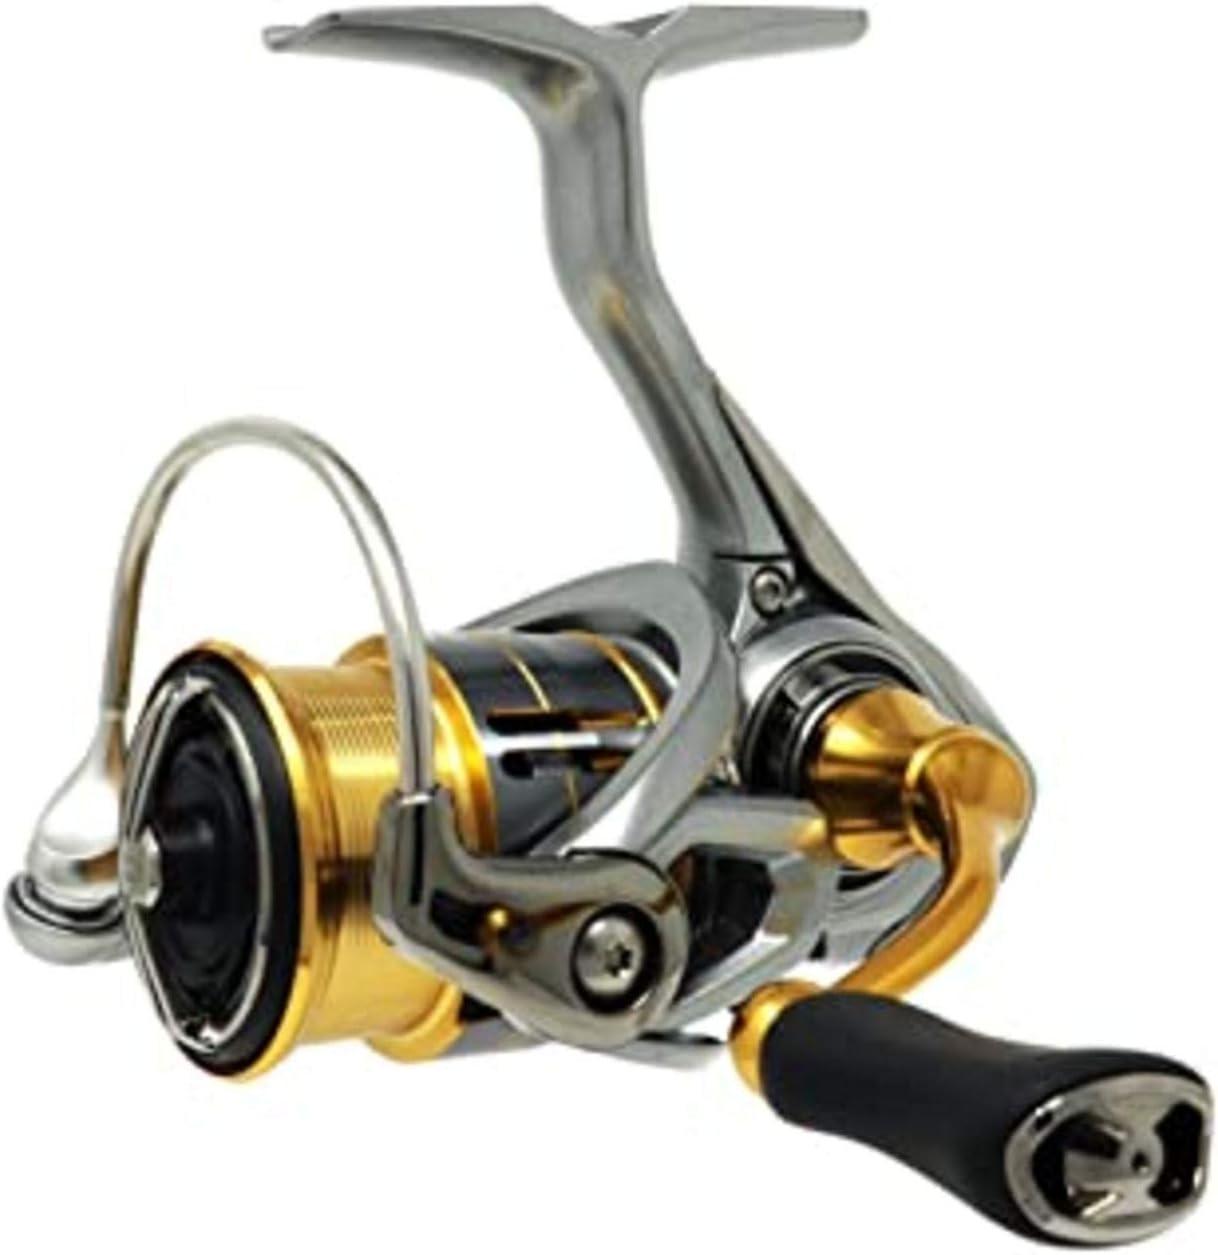 Daiwa Carretes de Pesca Freams LT 1000 S Spinning Boloñesa Feeder ...